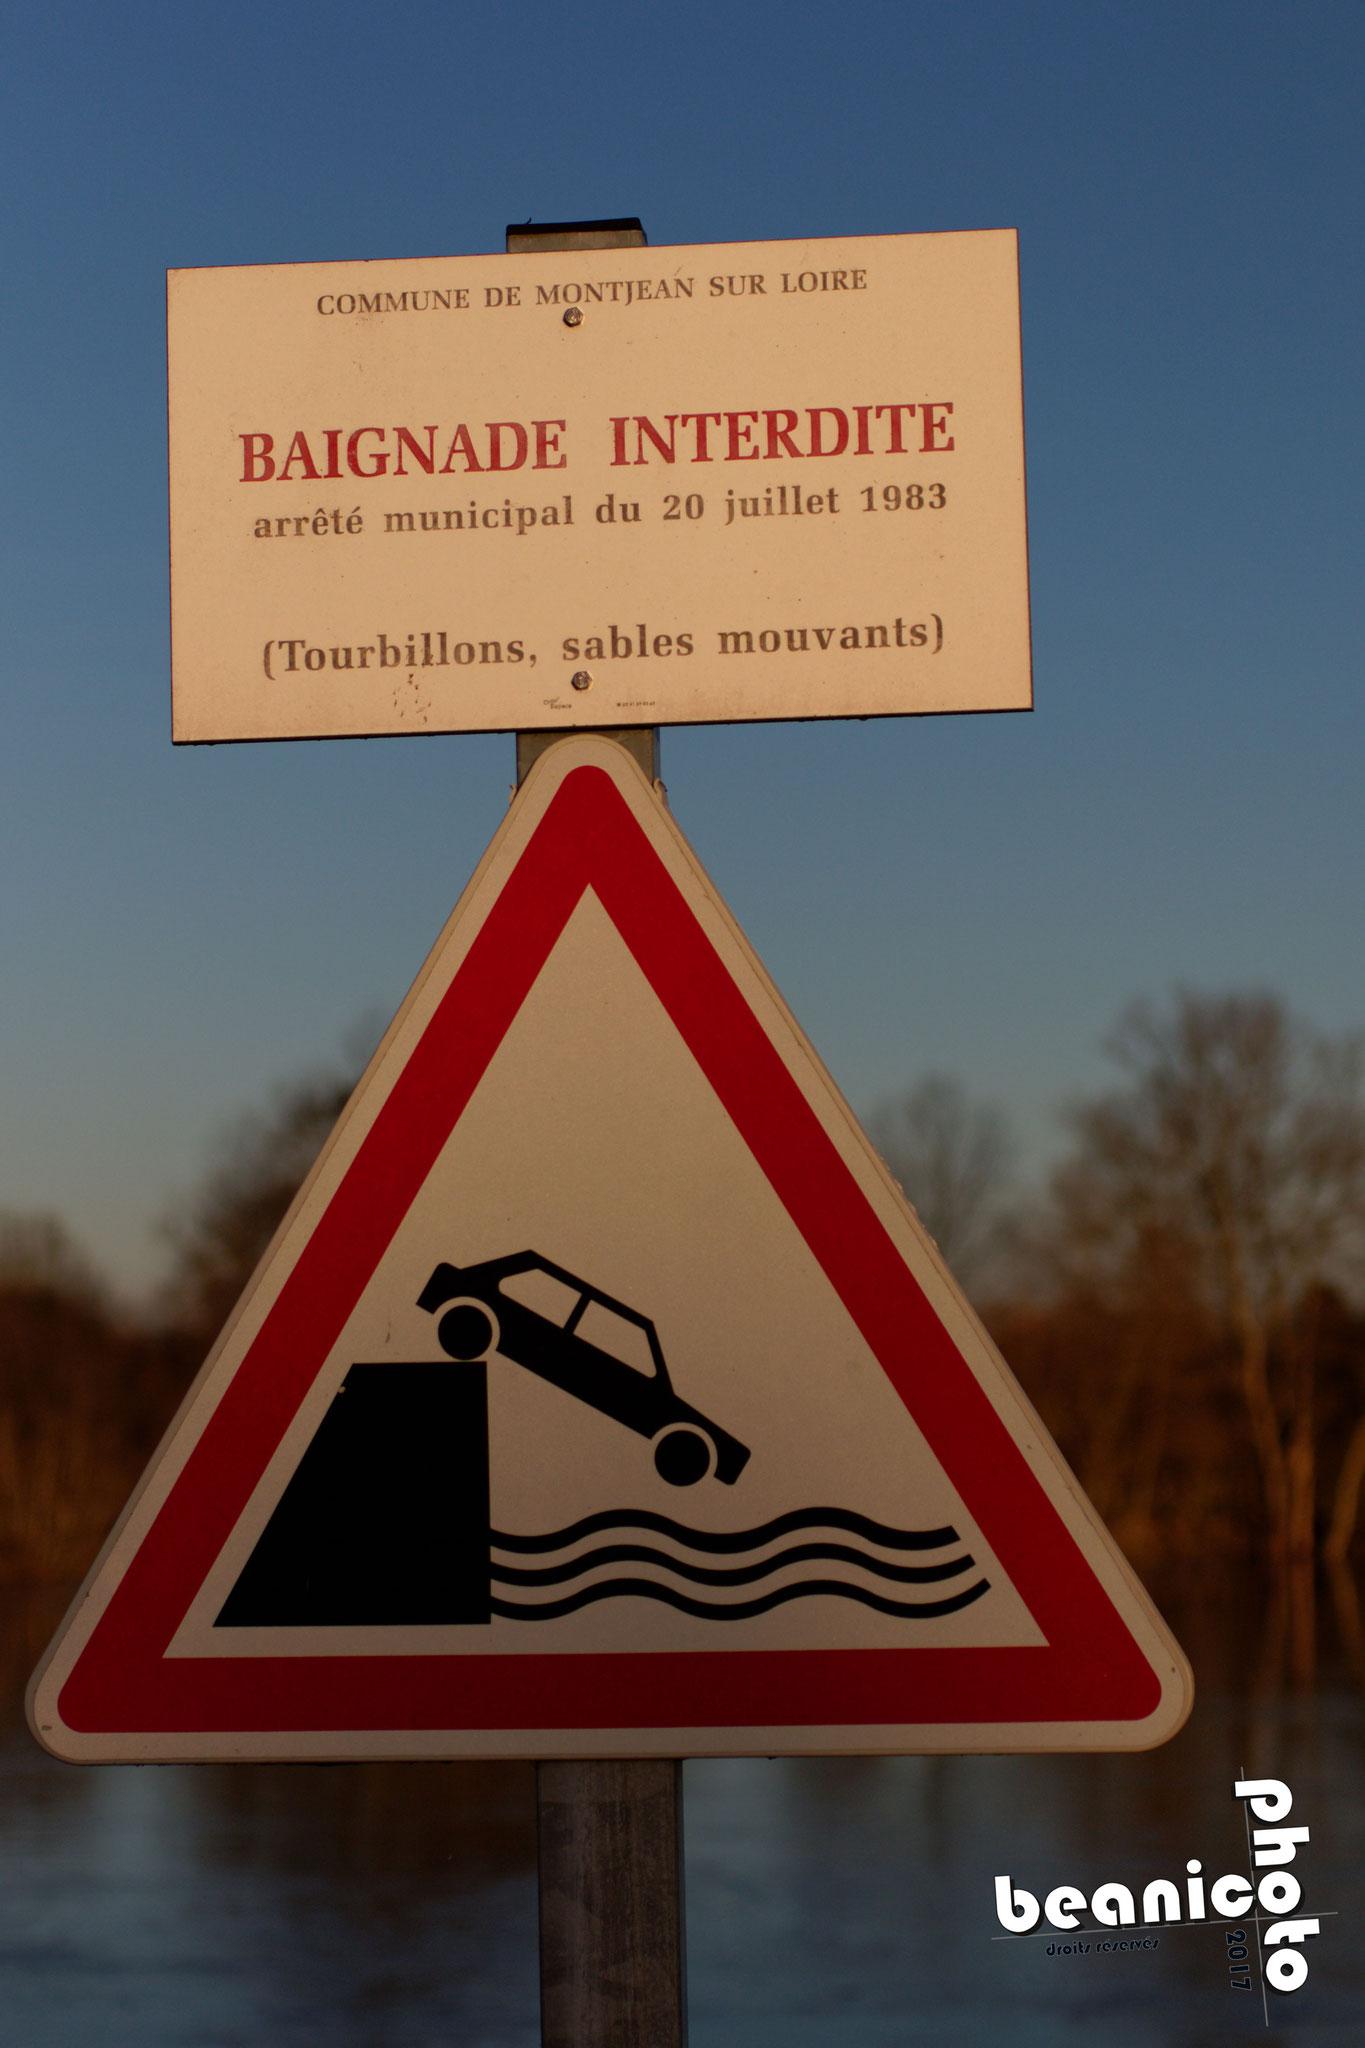 Canon 7DII + Sigma 50 mm f/2.8 EX DG Macro : f/2.8 1/6000 ISO250 - Panneau sur le quai - la Loire à Montjean sur Loire - www.beanico-photo.fr